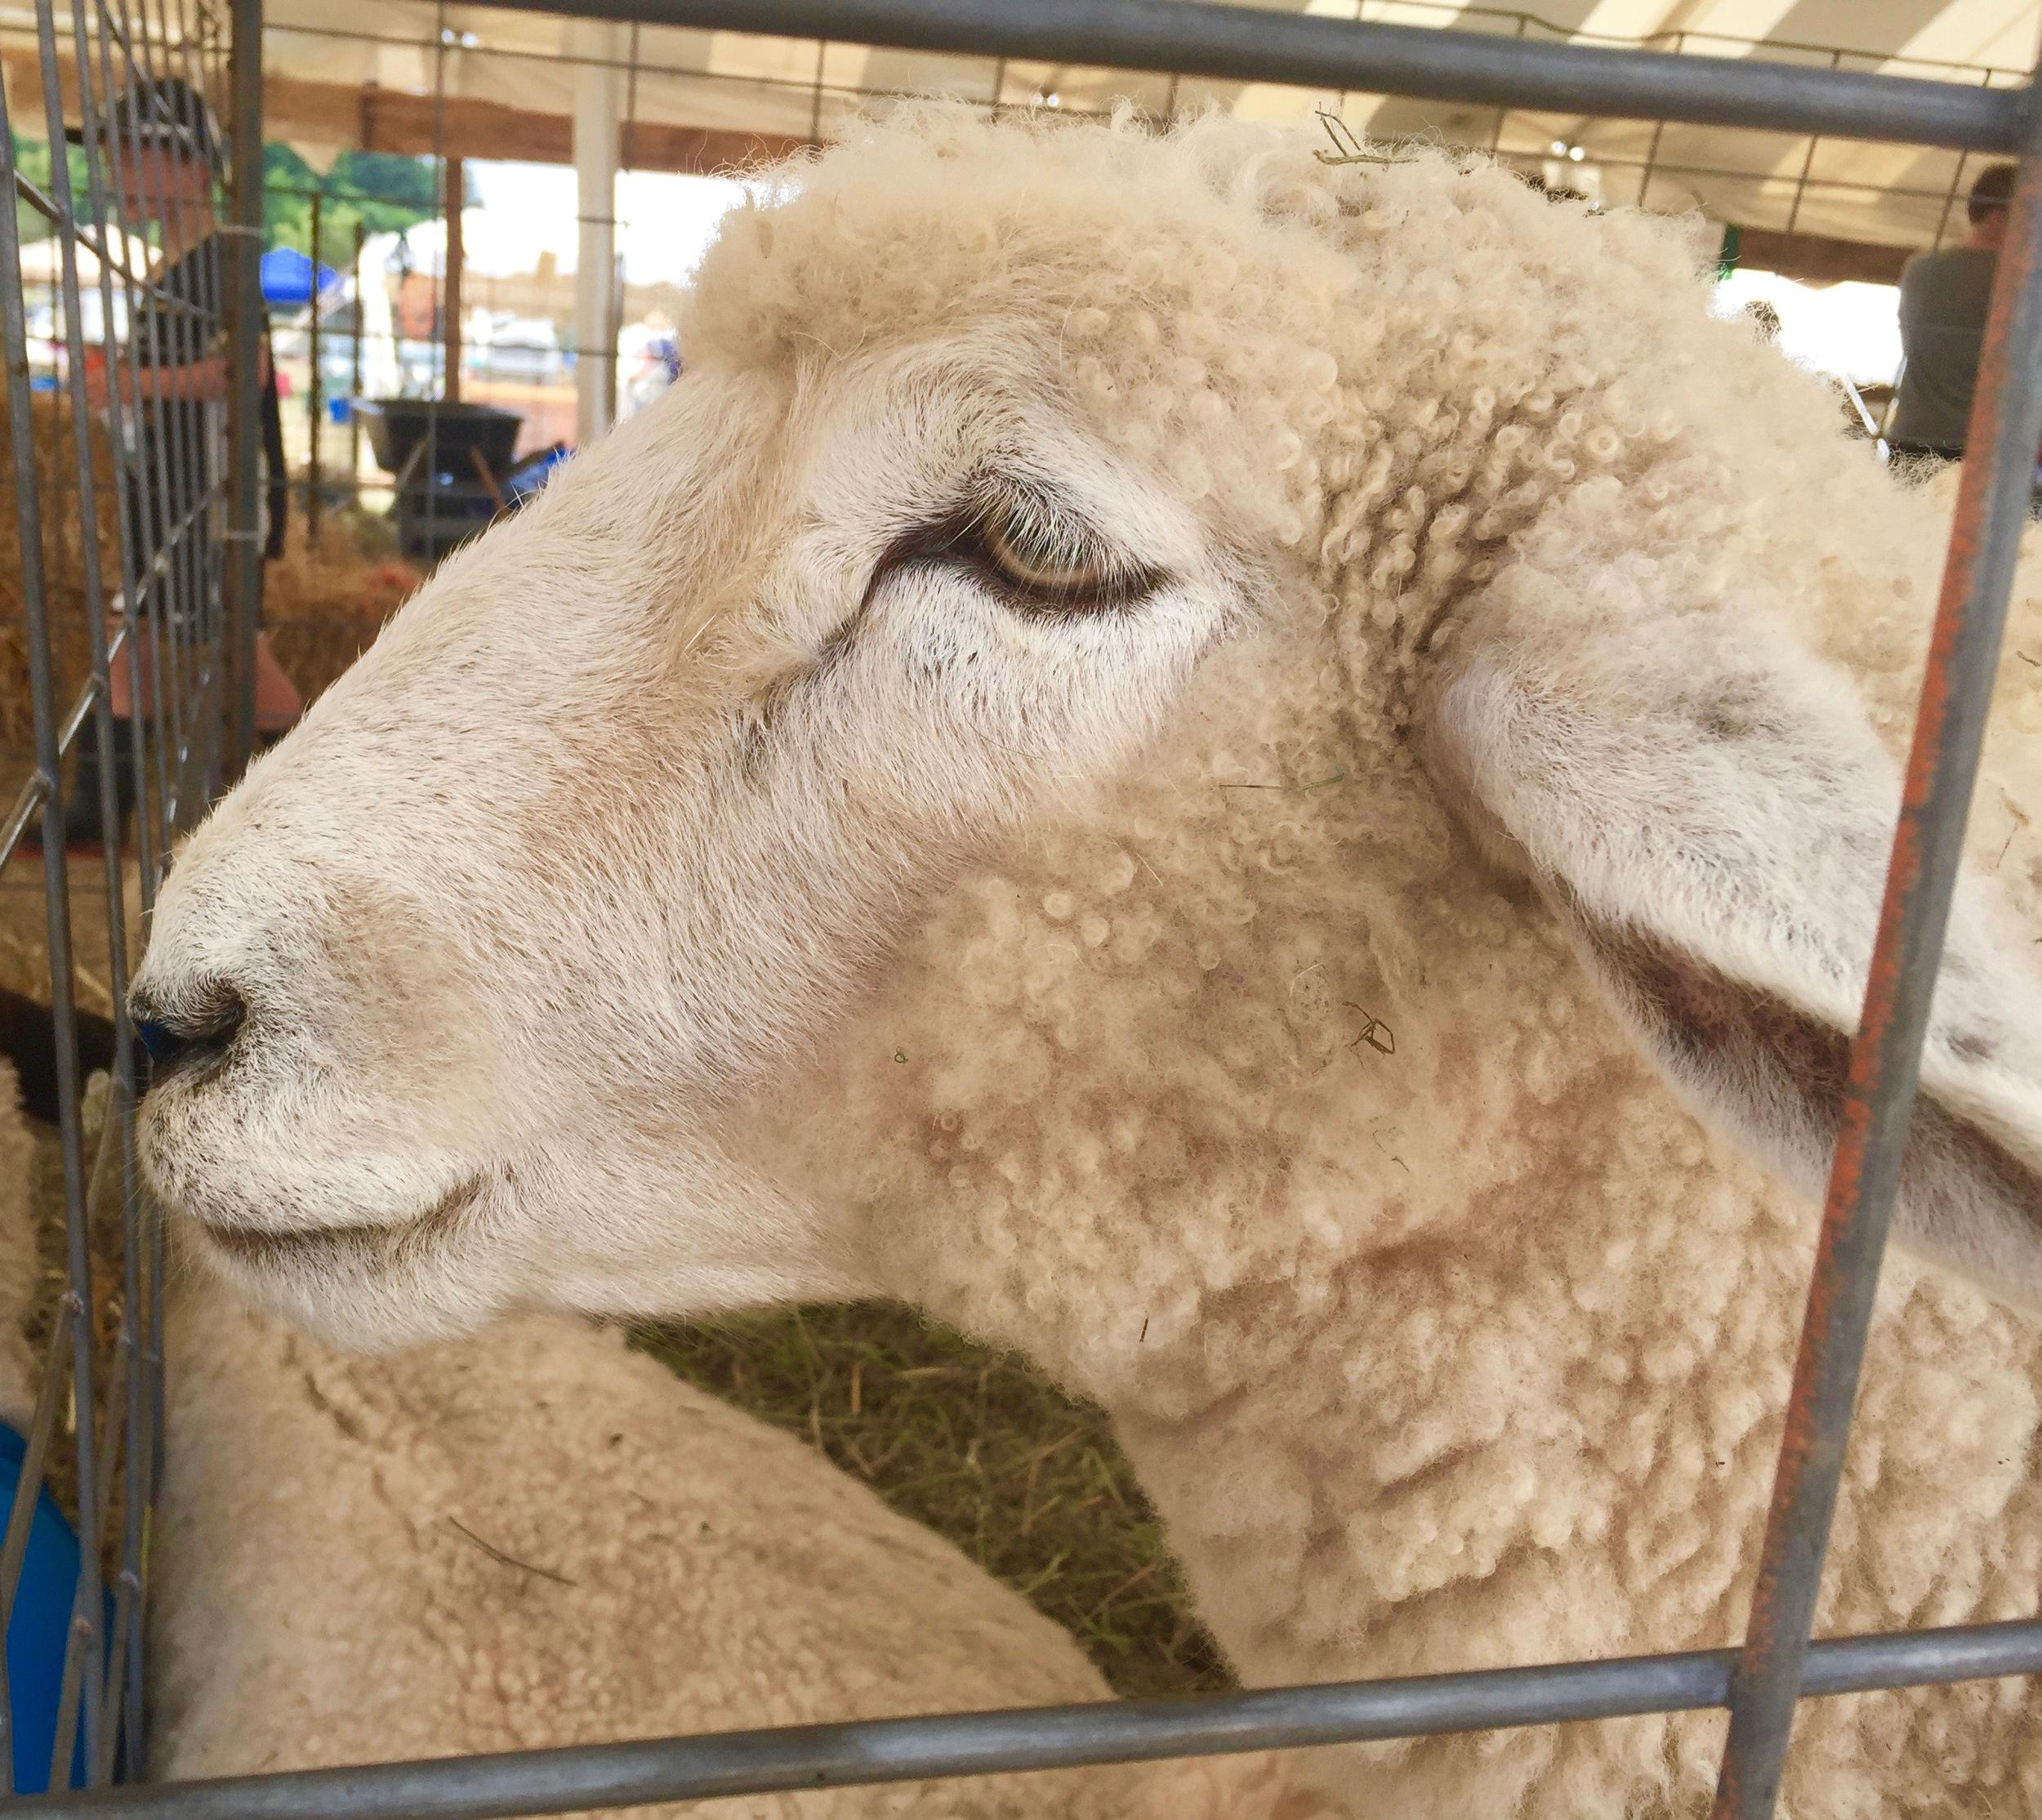 Sheep at greene county youth fair